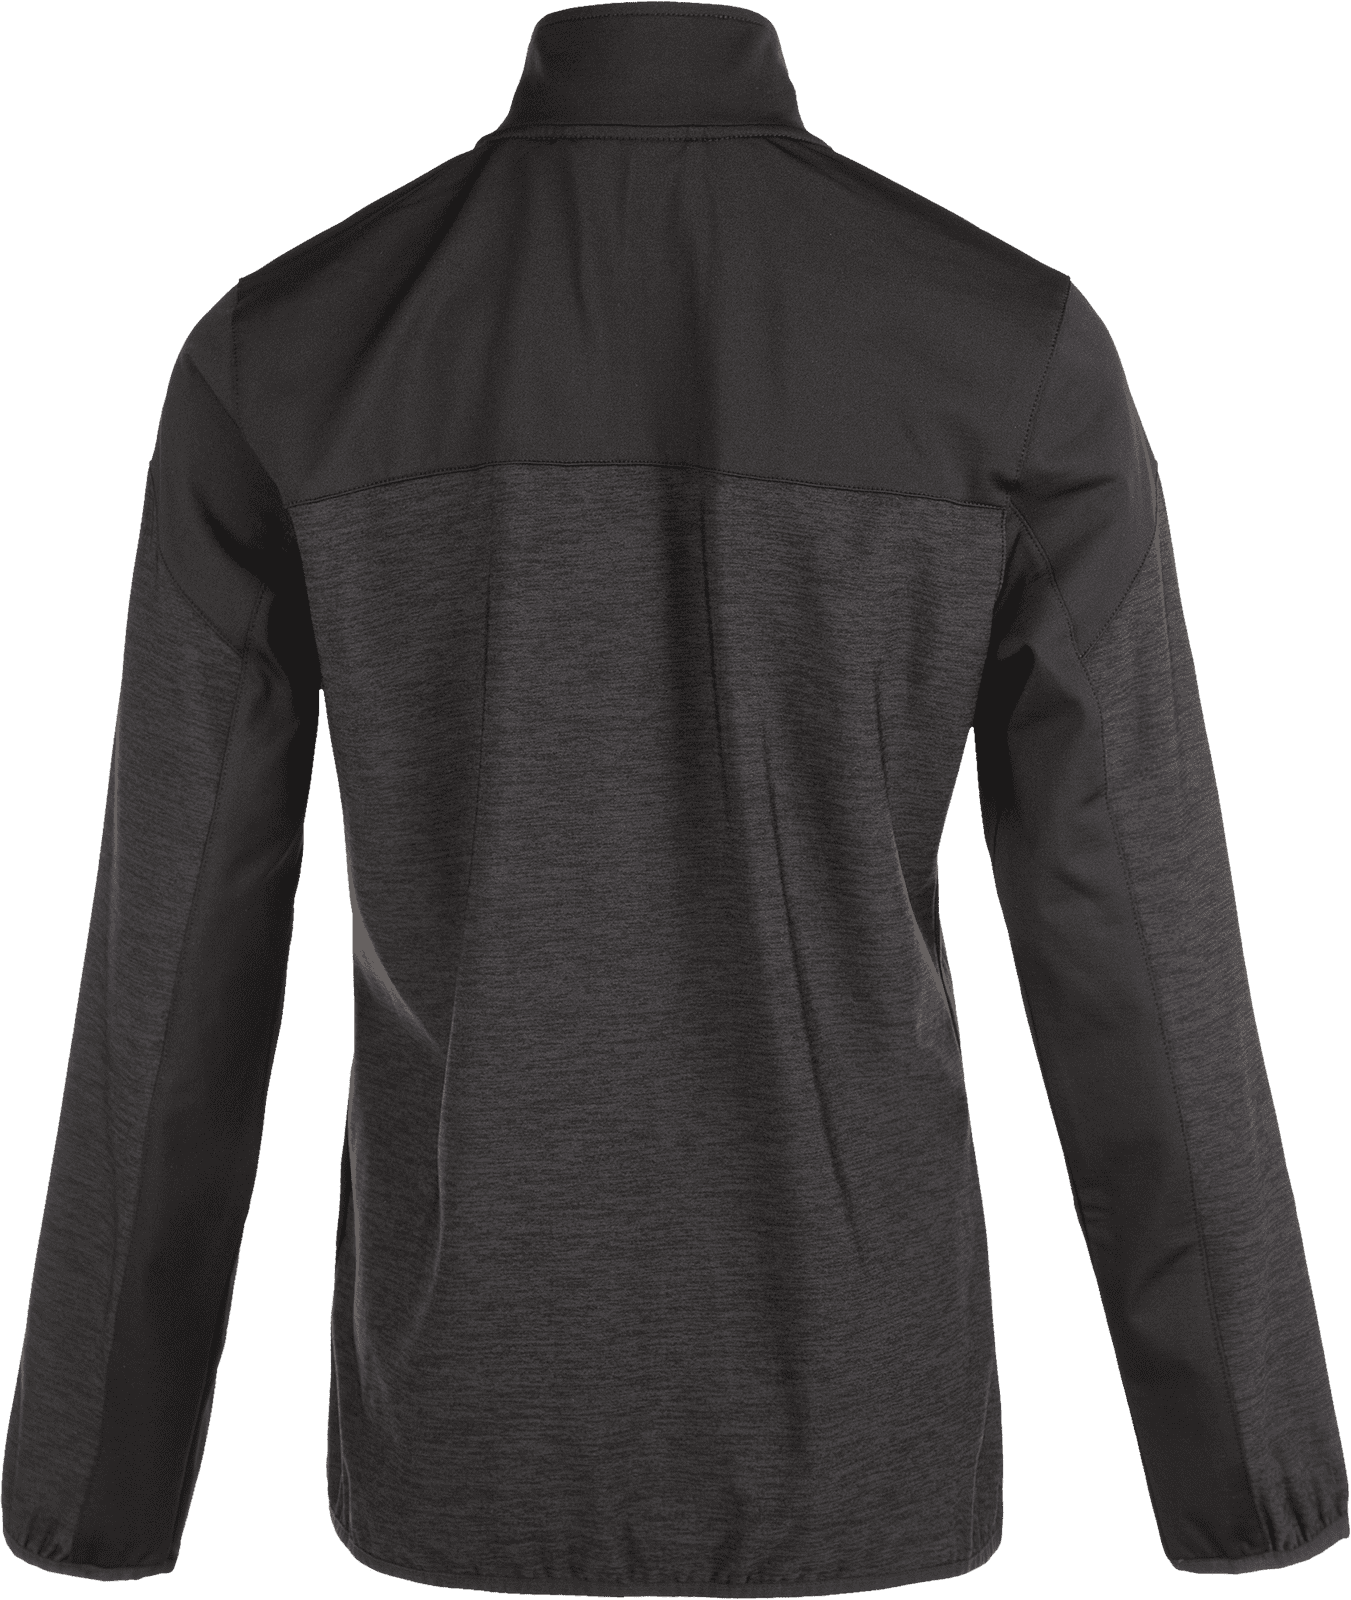 Forza Brace Jacket, 96 Black